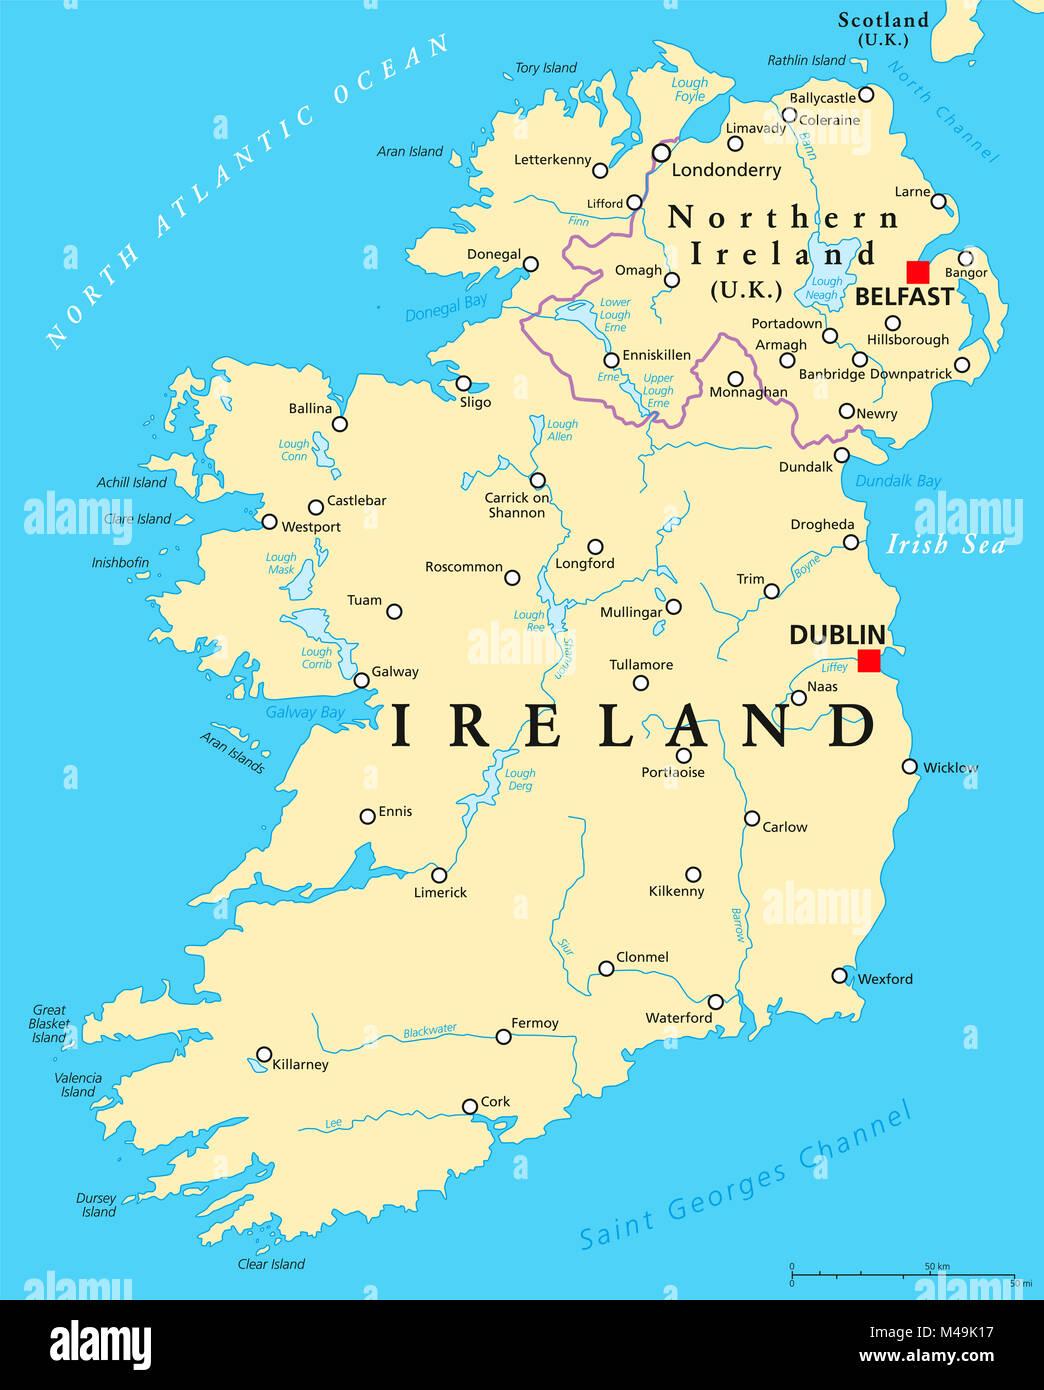 Irlanda Del Nord Cartina.In Irlanda E In Irlanda Del Nord Mappa Politico Con Capitelli A Dublino E Belfast Bordi Importanti Citta Fiumi E Laghi Isola Del Nord Atlantico Foto Stock Alamy